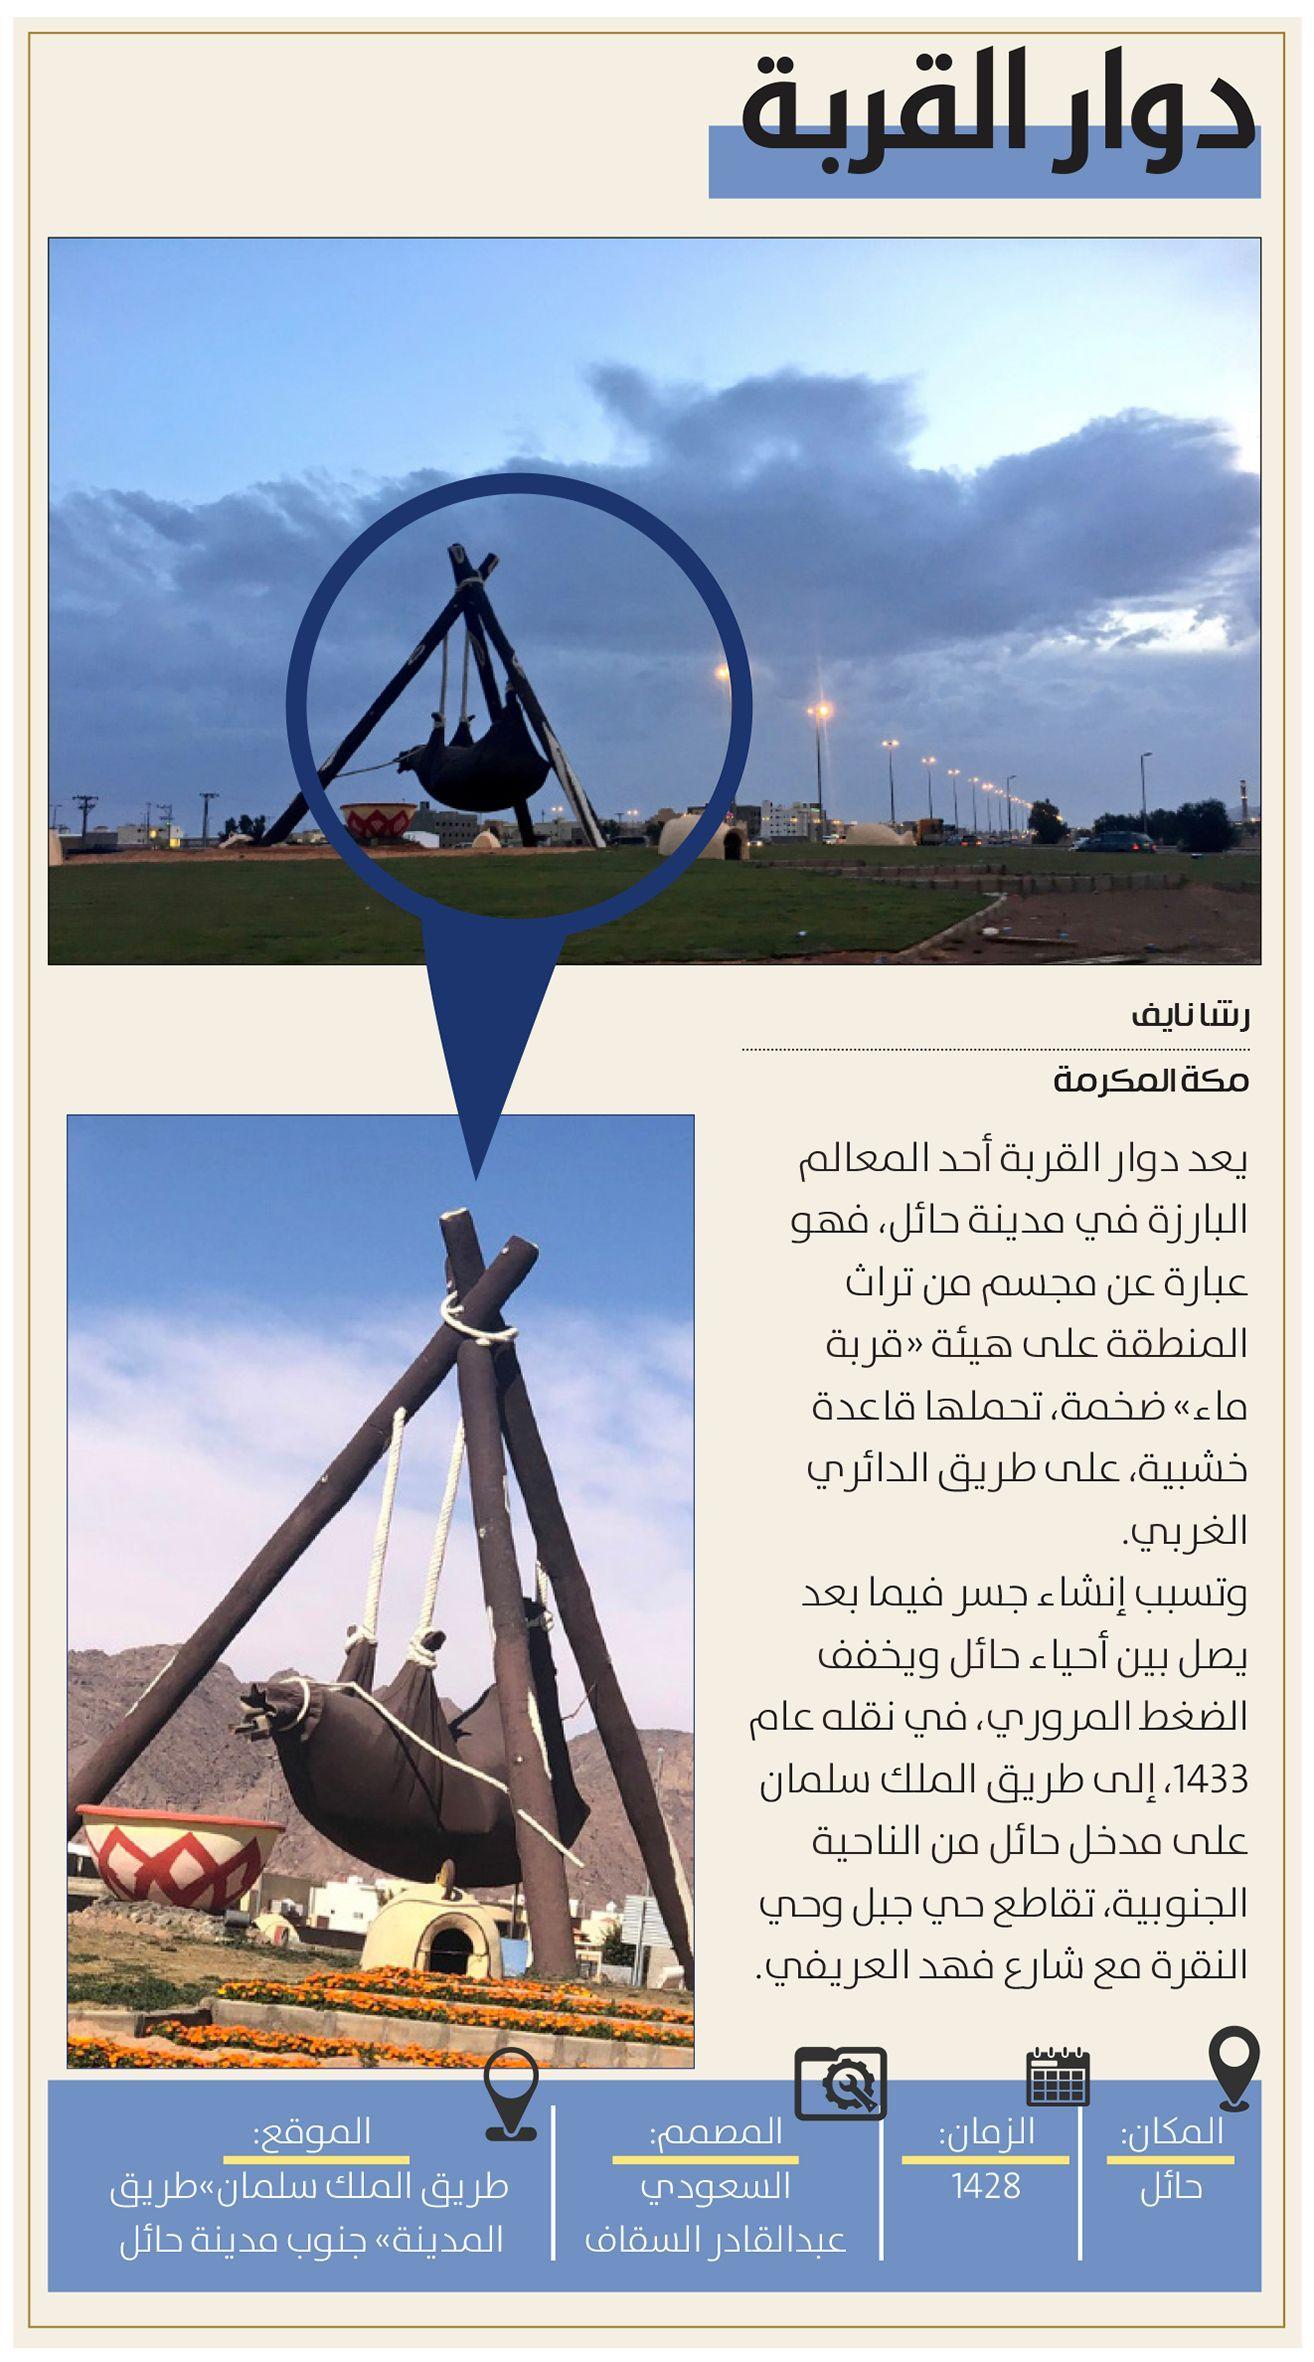 إنفوجرافيك دوار القربة صحيفة مكة Makkahnp In 2021 Fair Grounds Infographic Travel